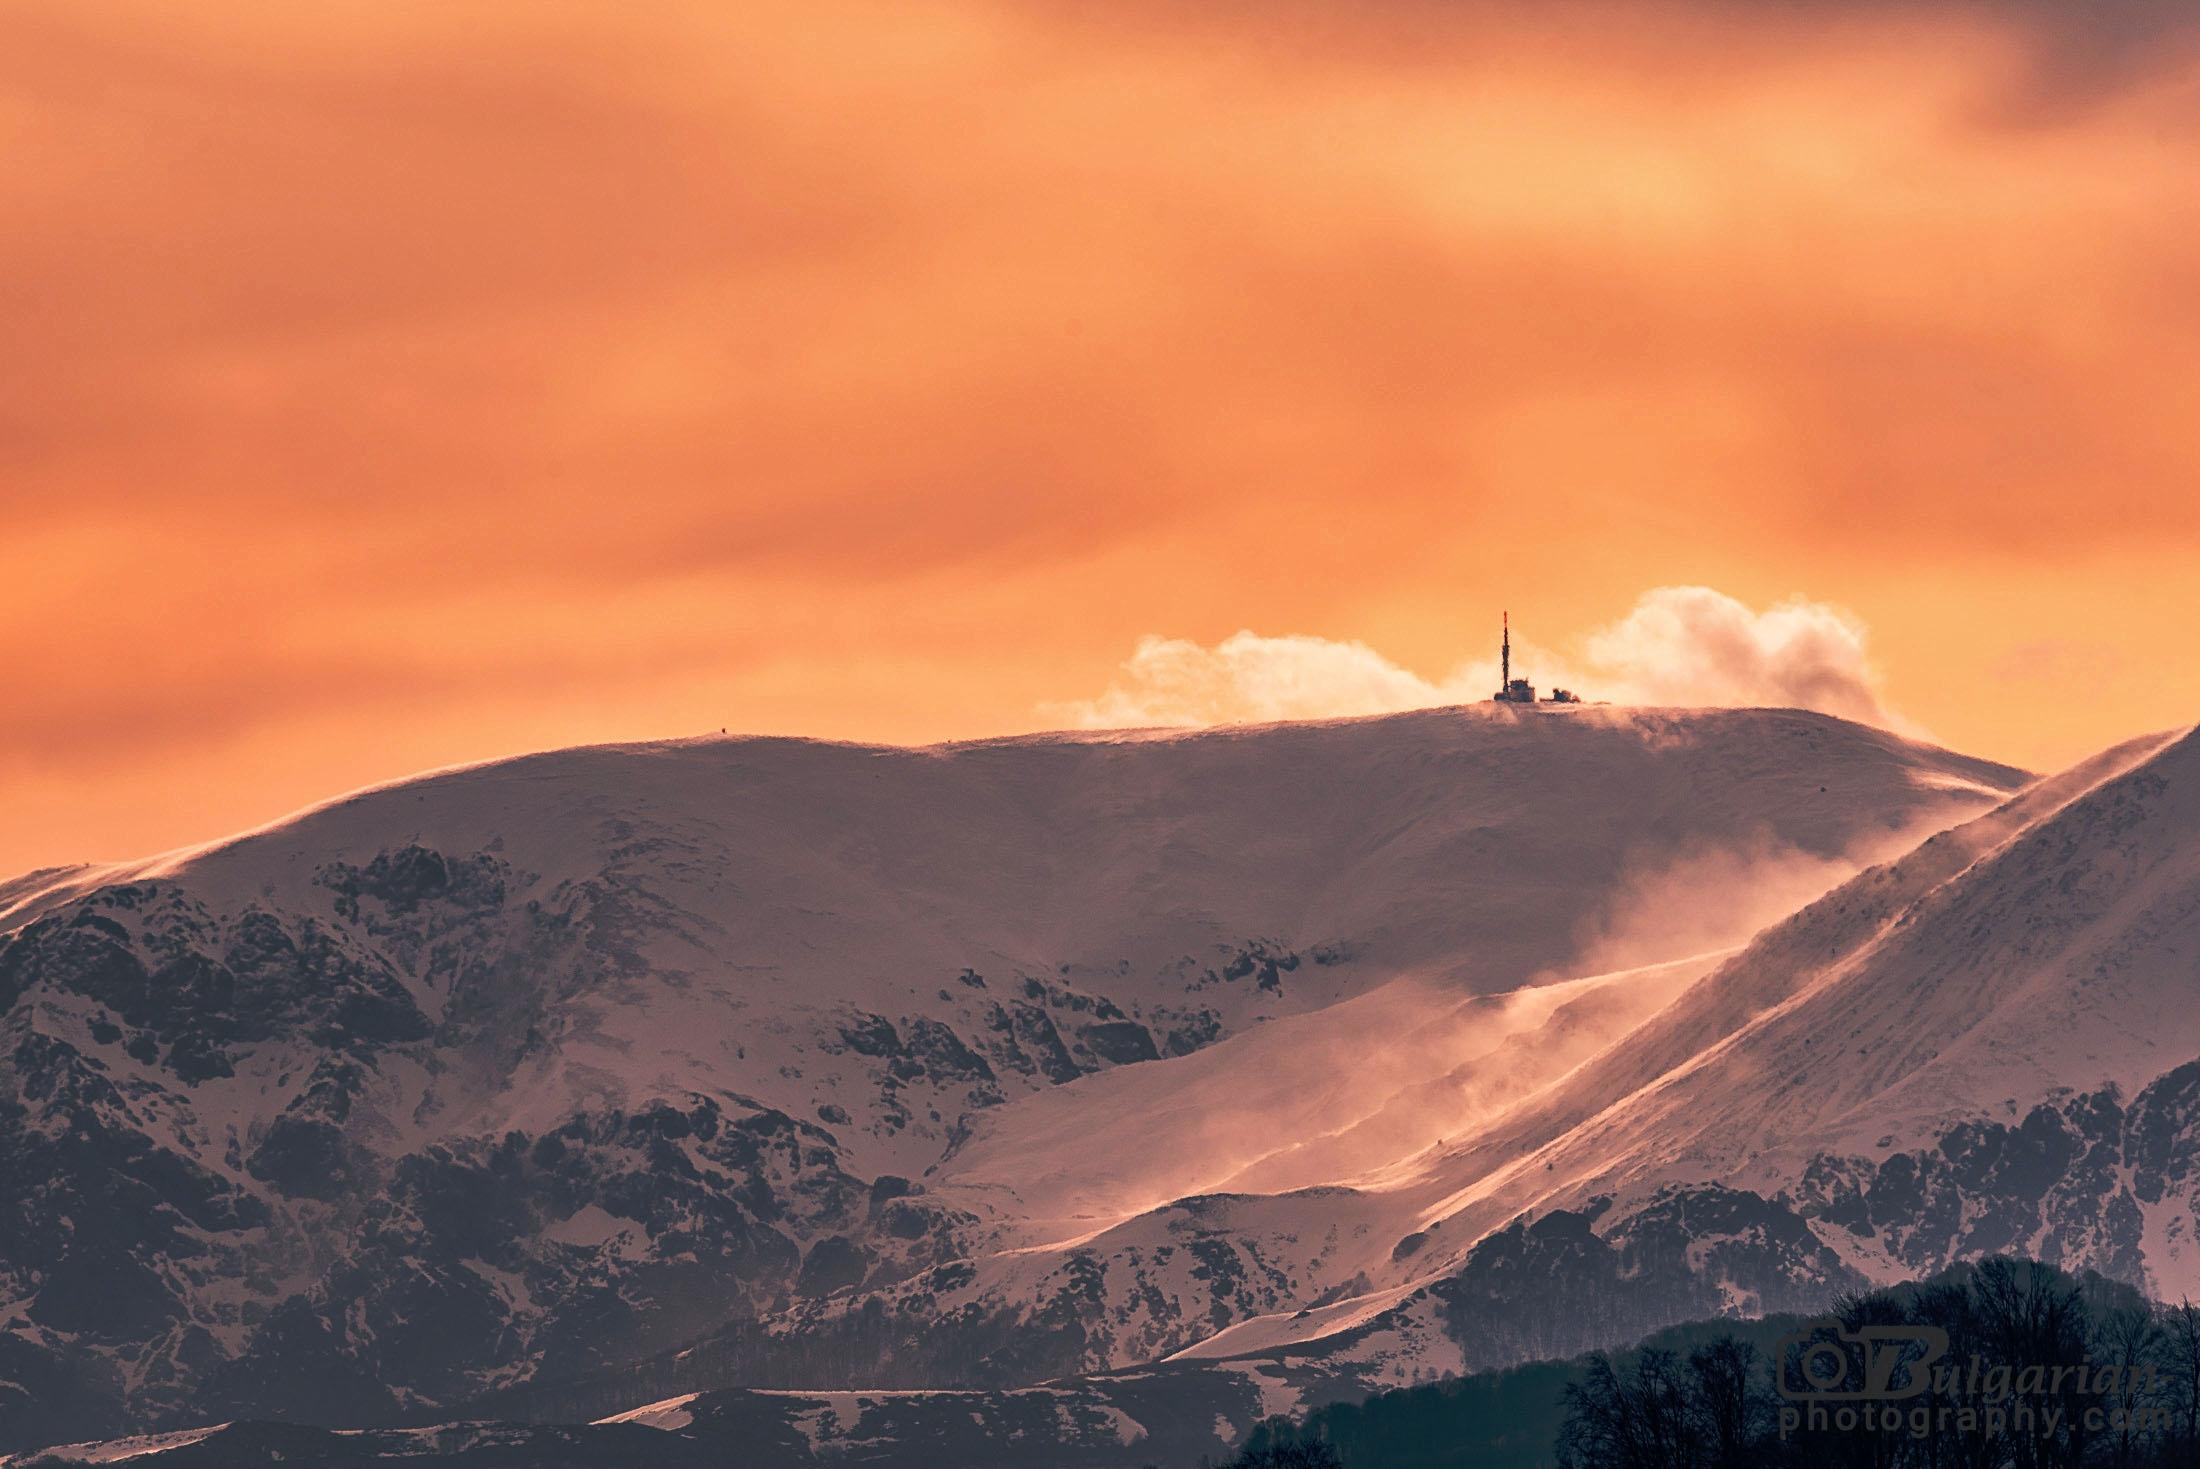 Връх Ботев. Кулата на върха в съчетание с облаците около нея прилича на излитаща ракета.